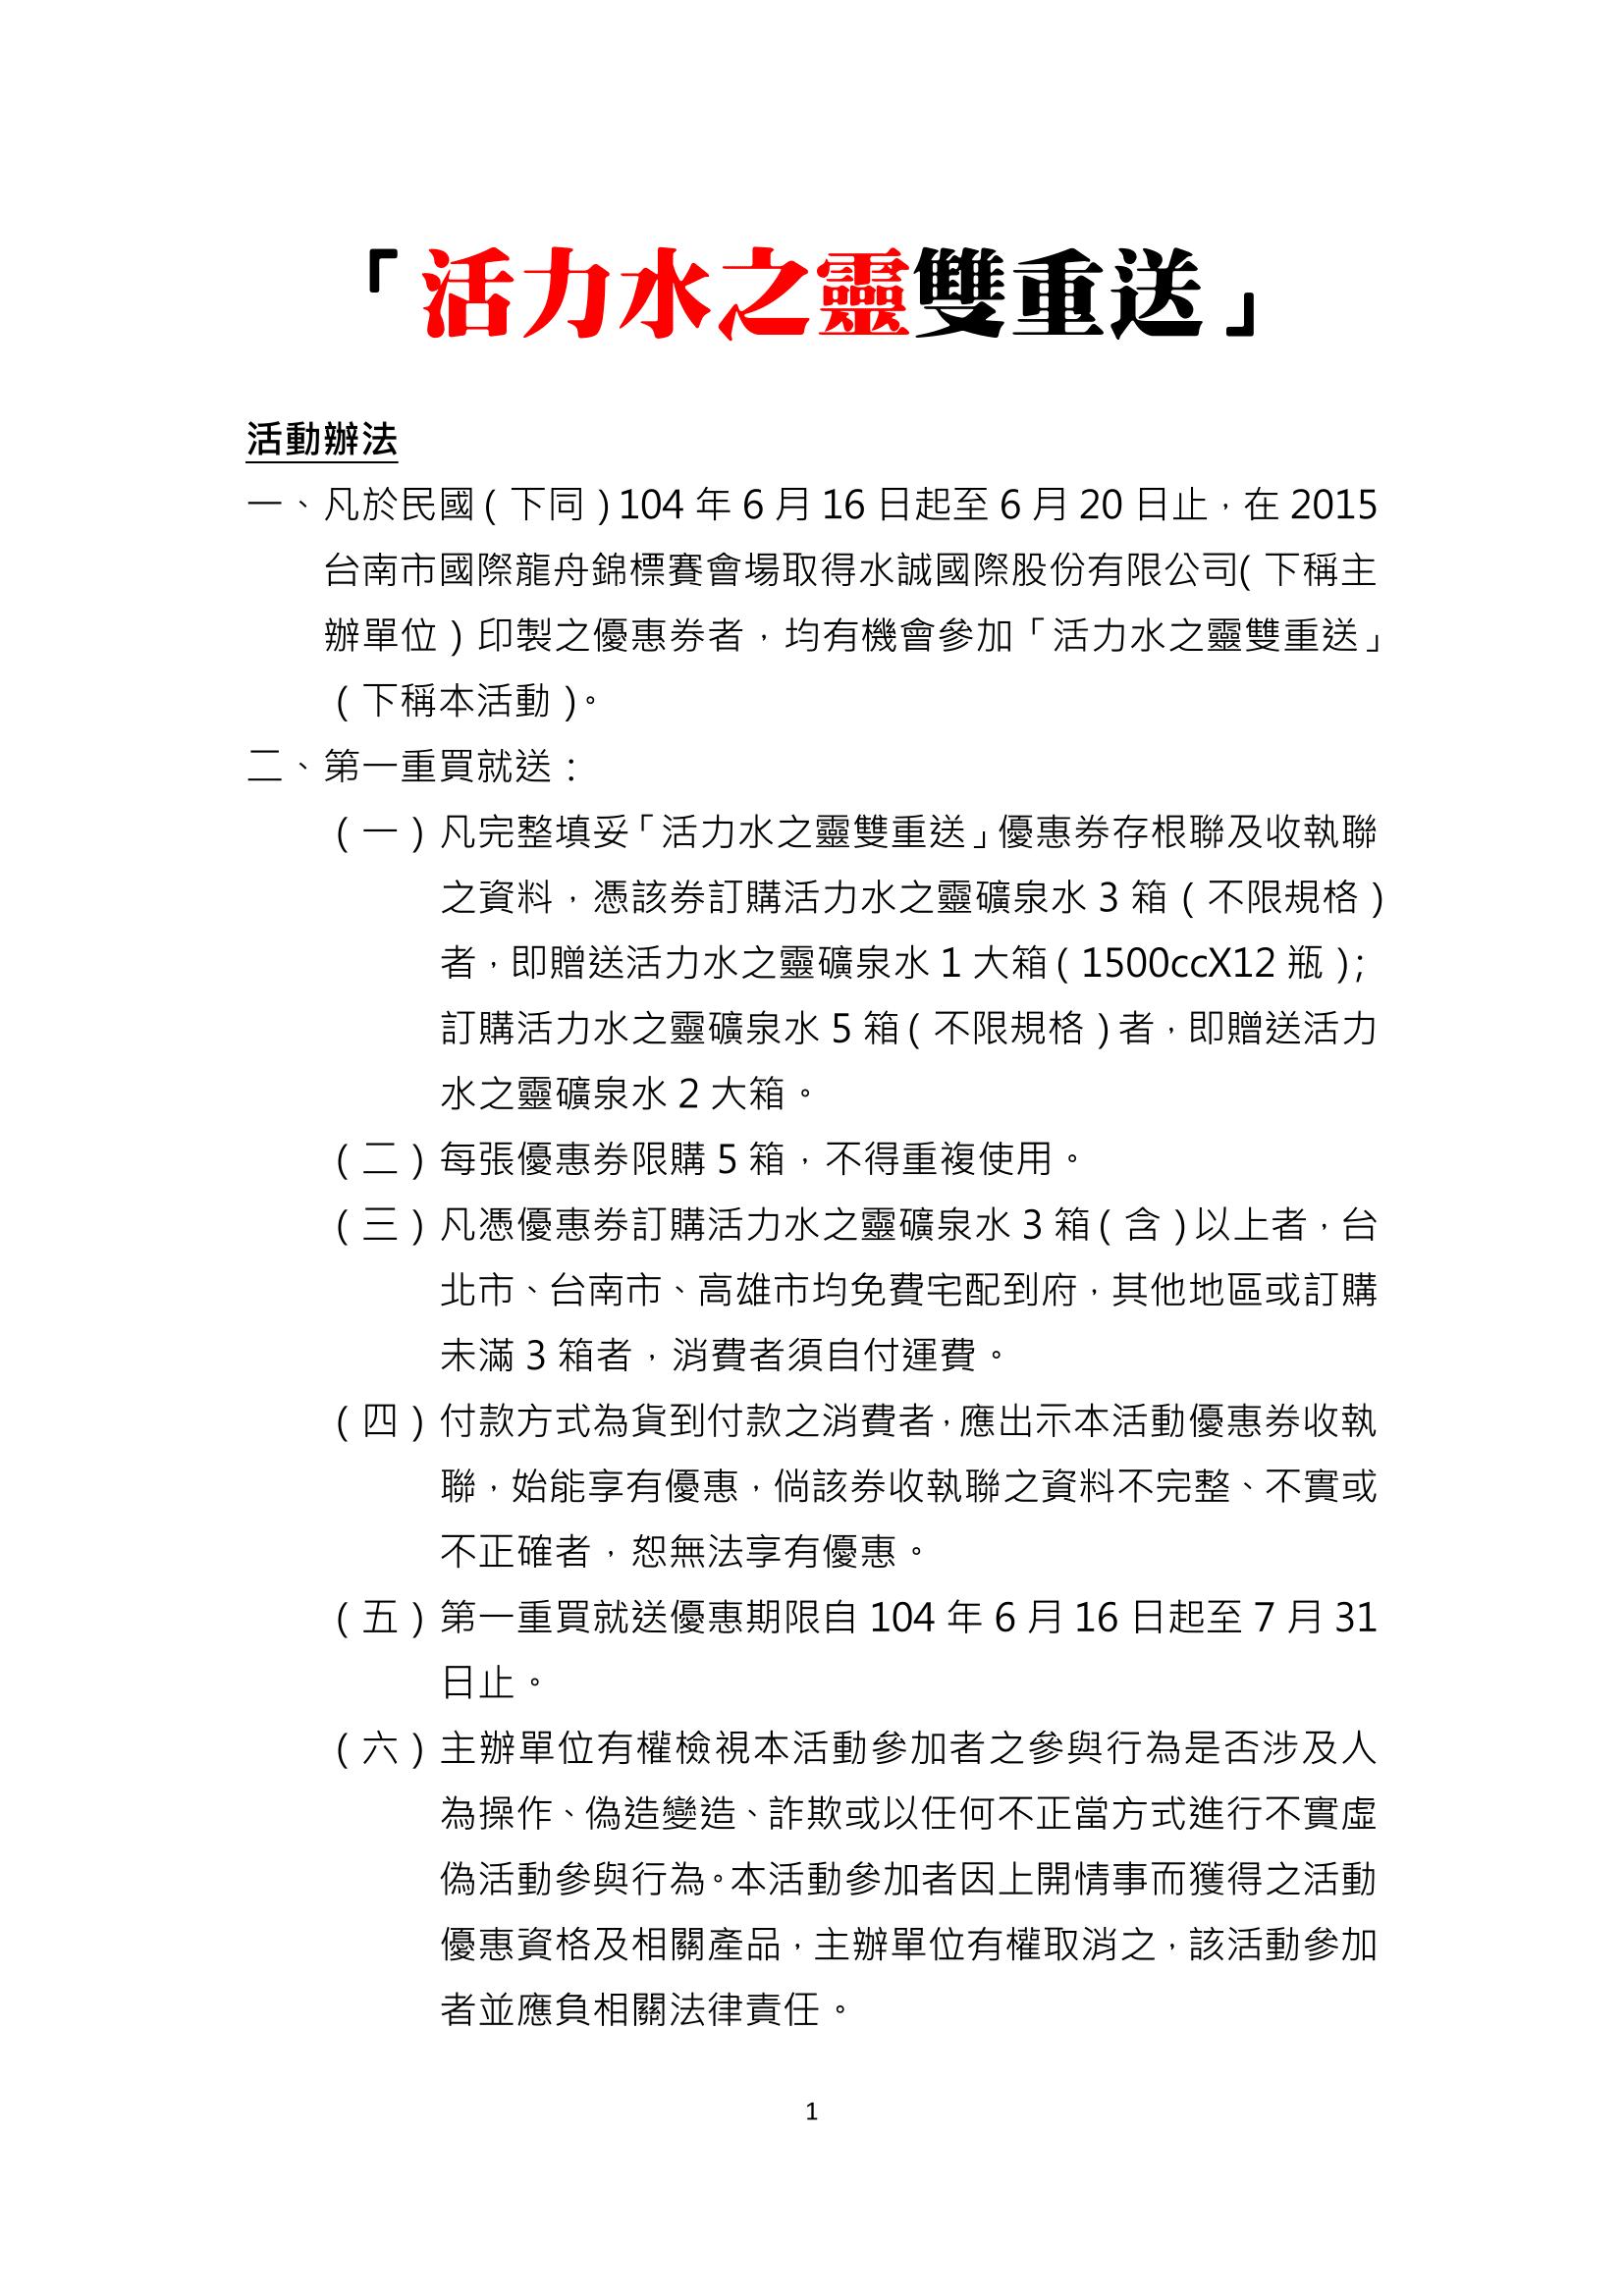 (V)活力水之靈雙重送活動辦法1040615-1